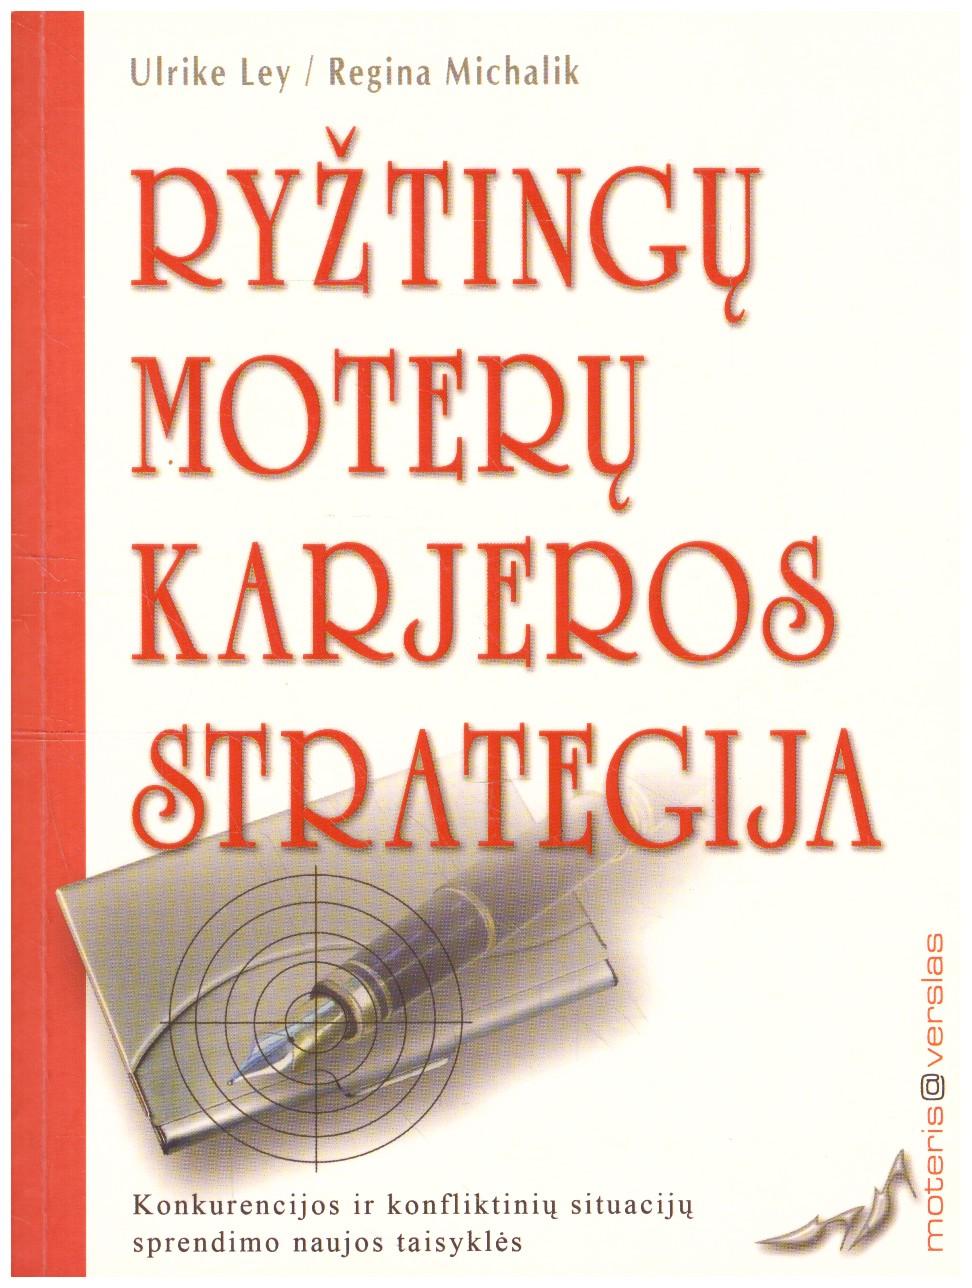 prekių prekybos strategijų knygos